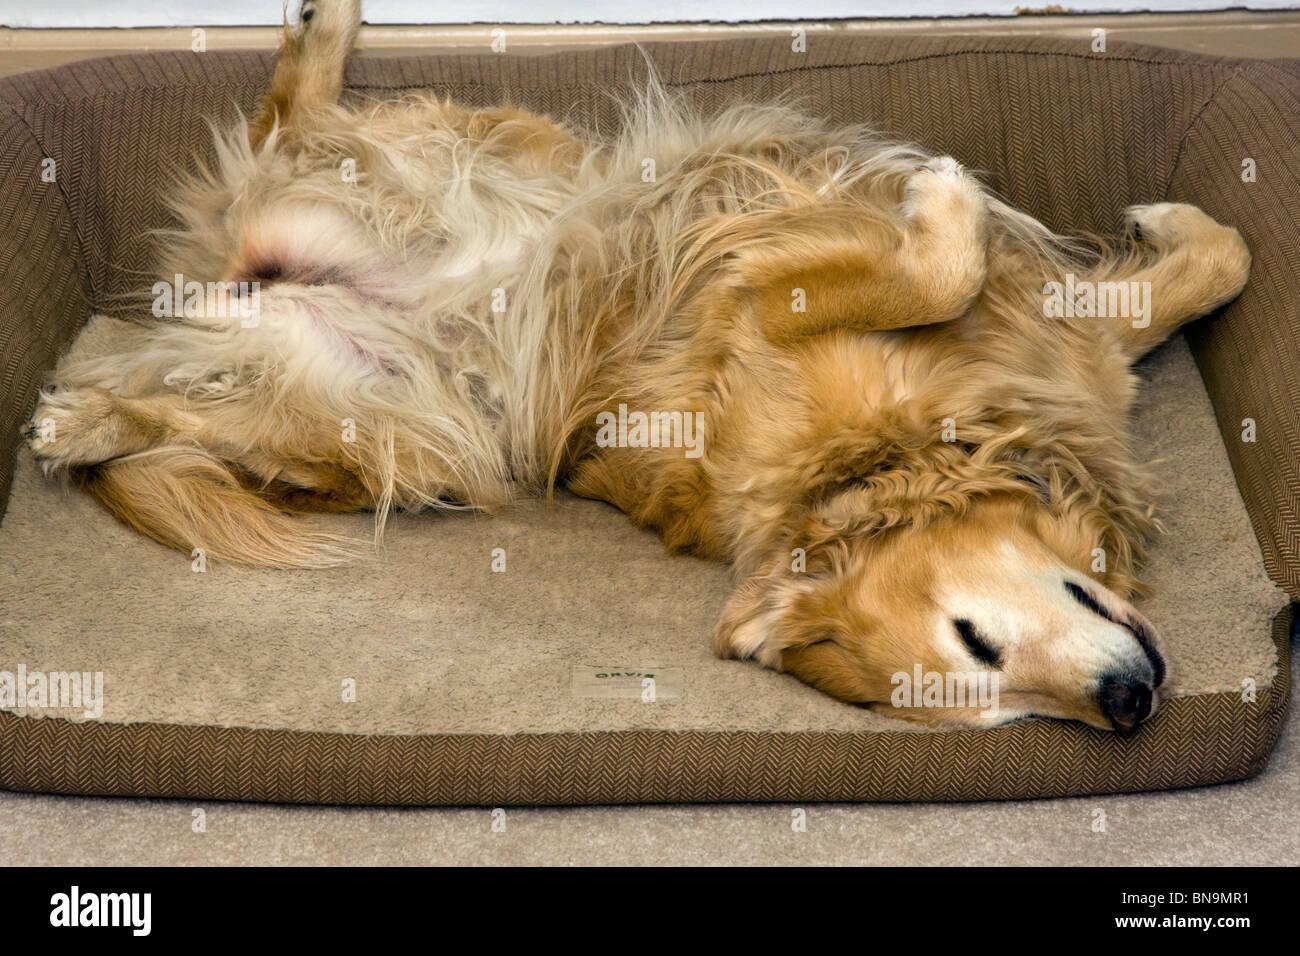 Golden Retriever dog sleeping on her back in her Orvis dog